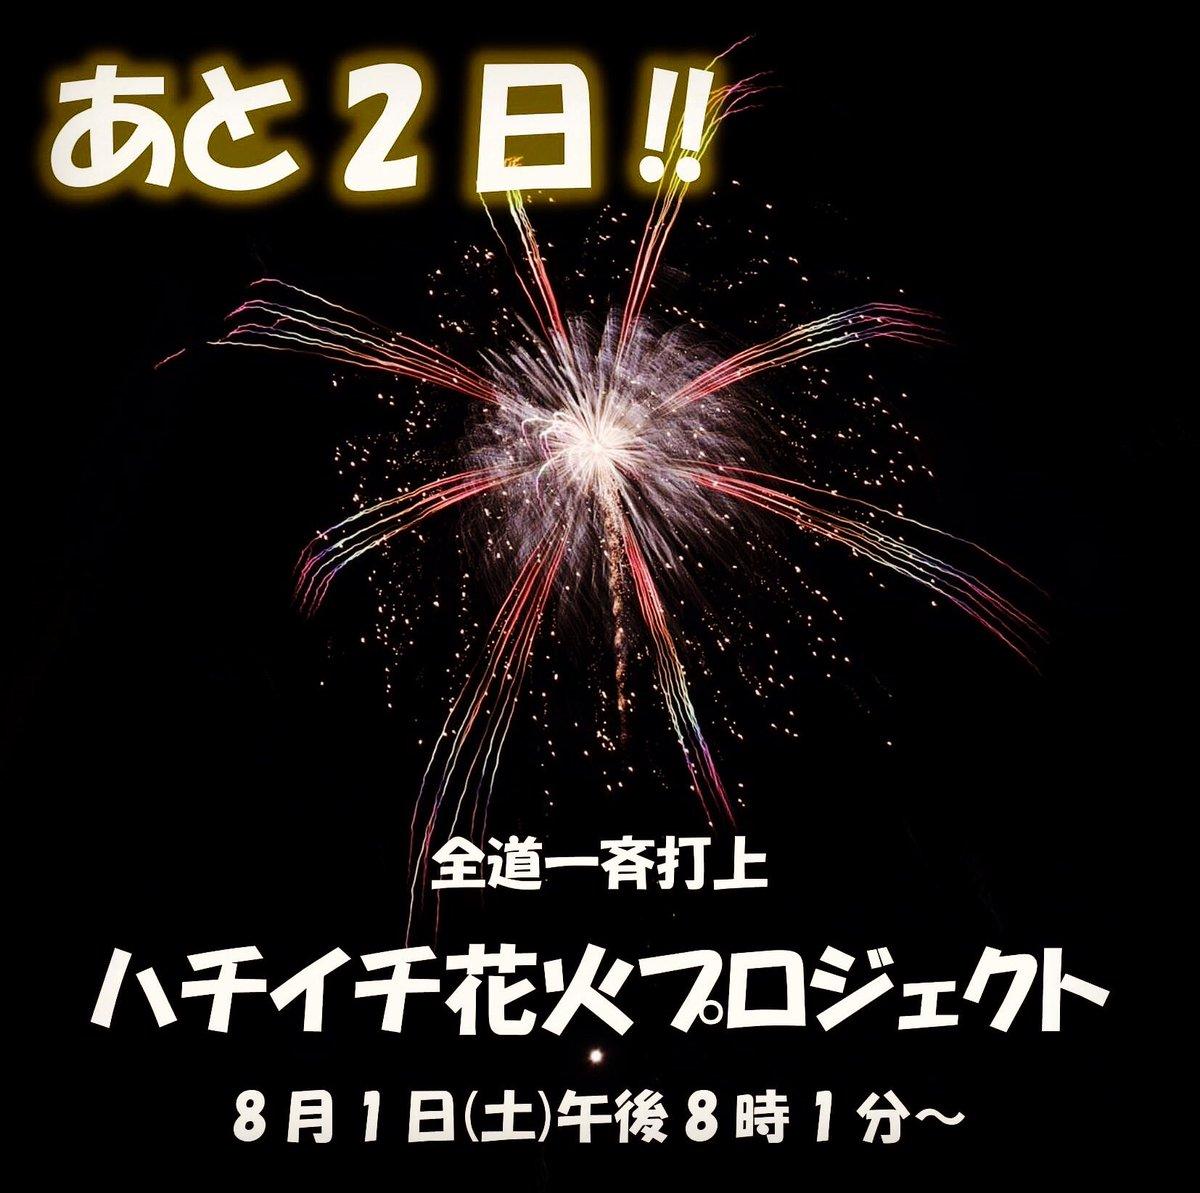 花火 月 1 6 日 札幌